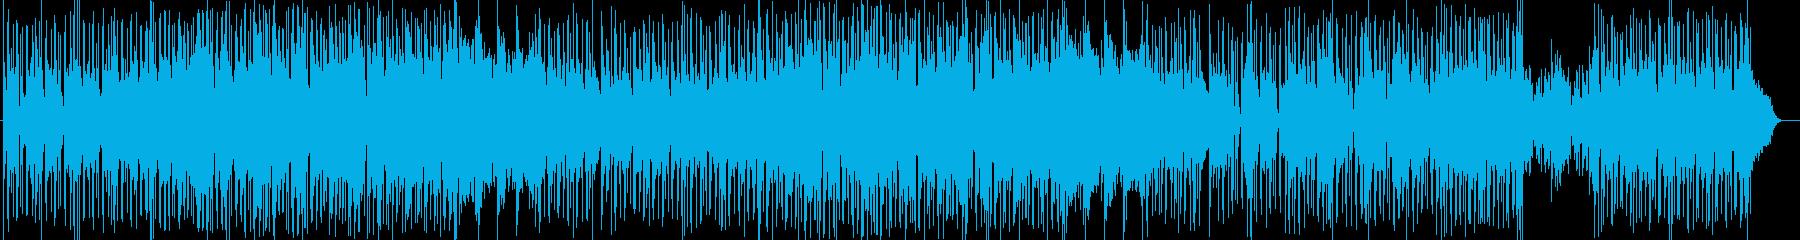 力強いシンセサイザーサウンドの再生済みの波形